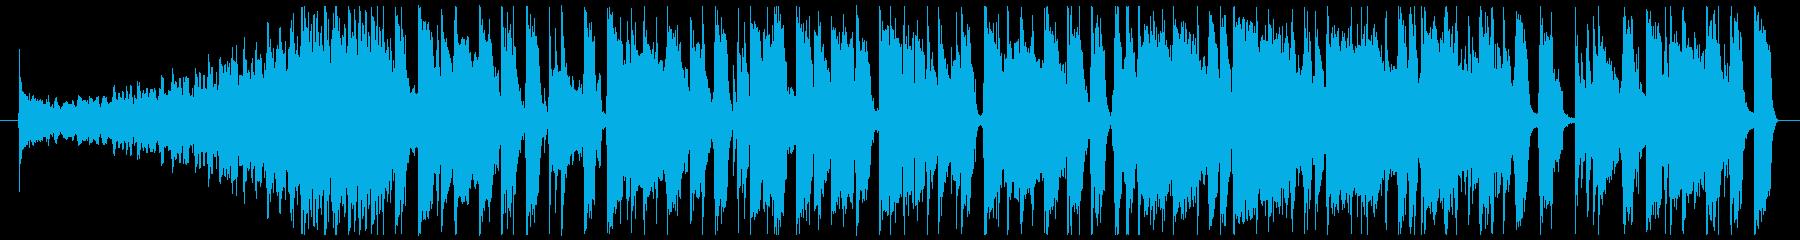 ワイルドなブルージーロックBGM 35秒の再生済みの波形